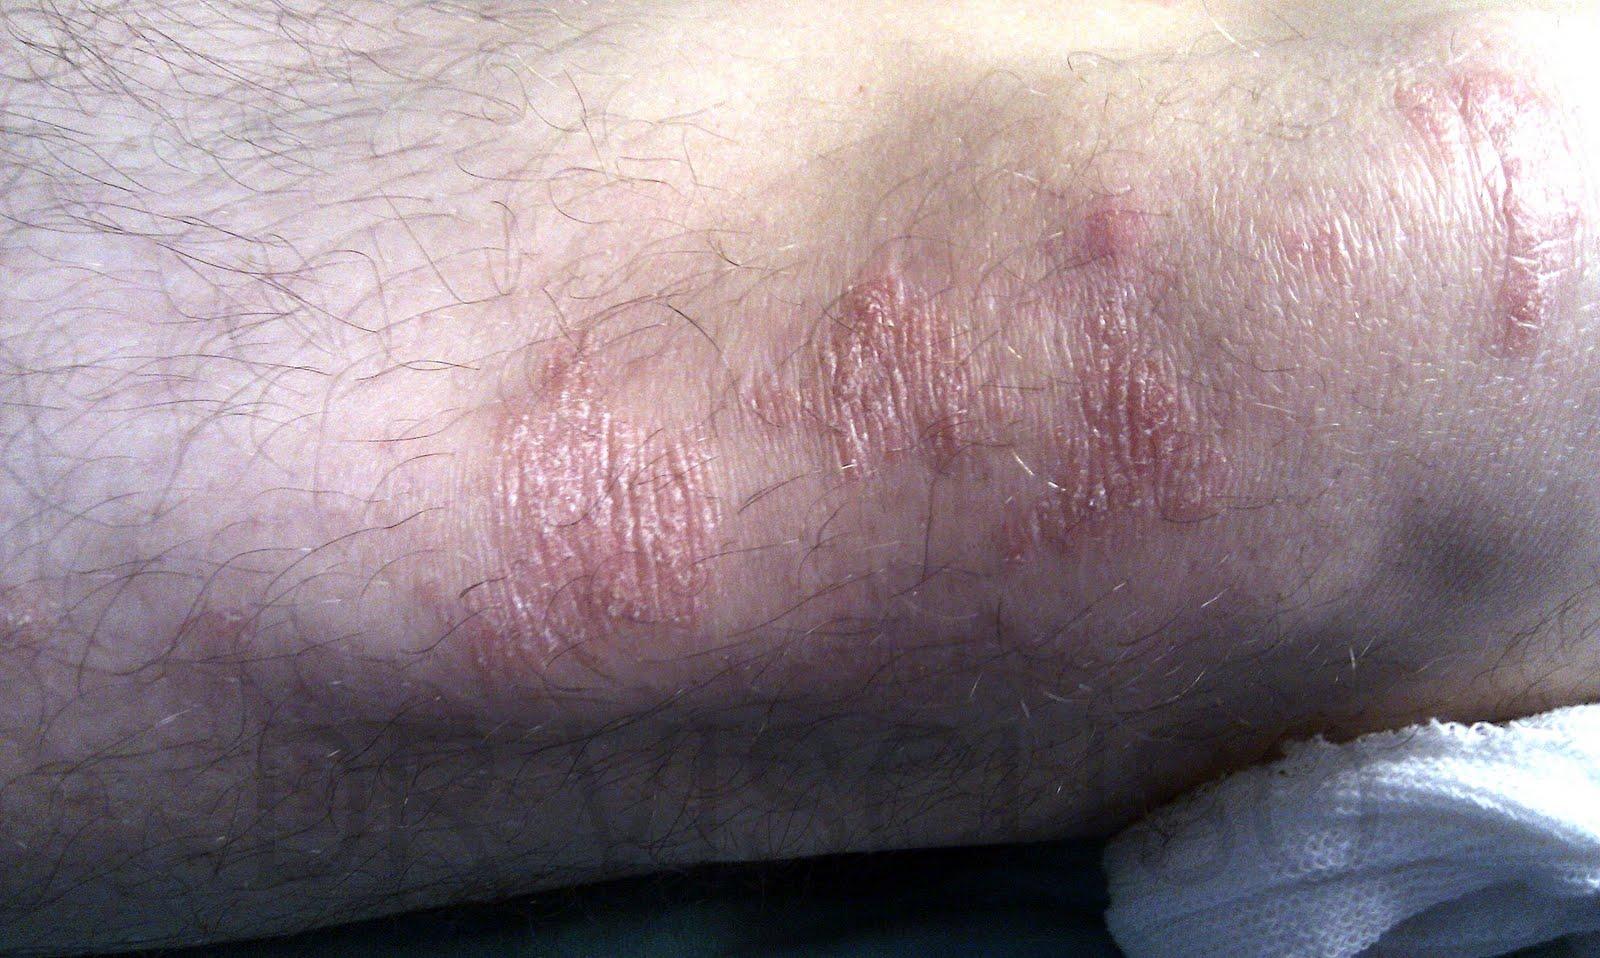 Fotos de psoriasis en el pene